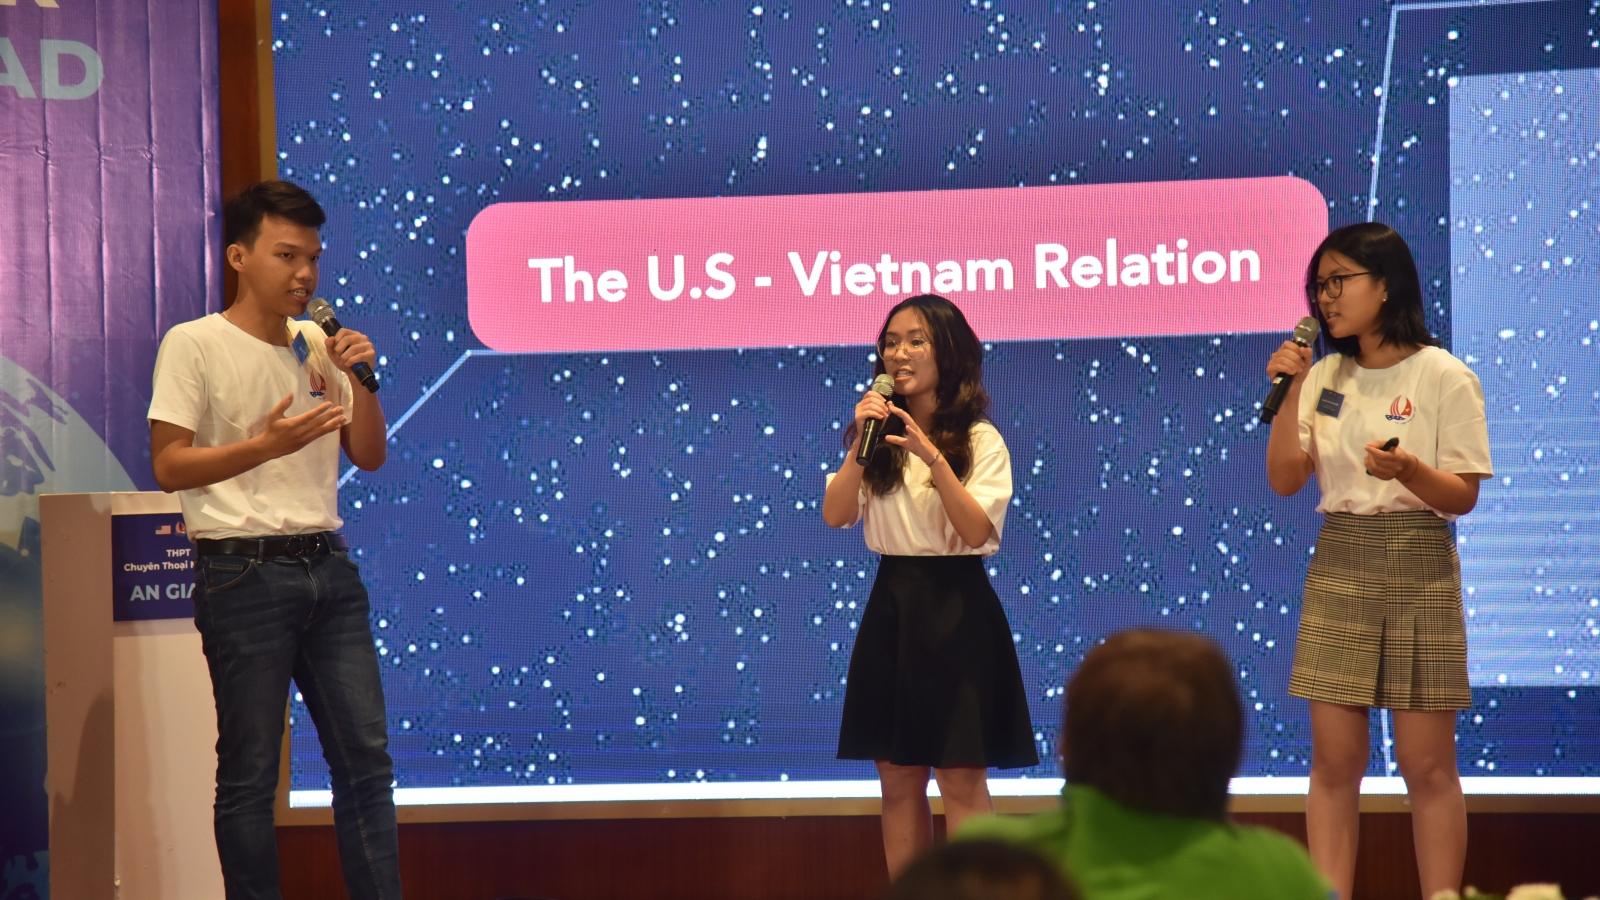 Học sinh trường chuyên hùng biện bằng tiếng Anh về thúc đẩy quan hệ Việt-Mỹ